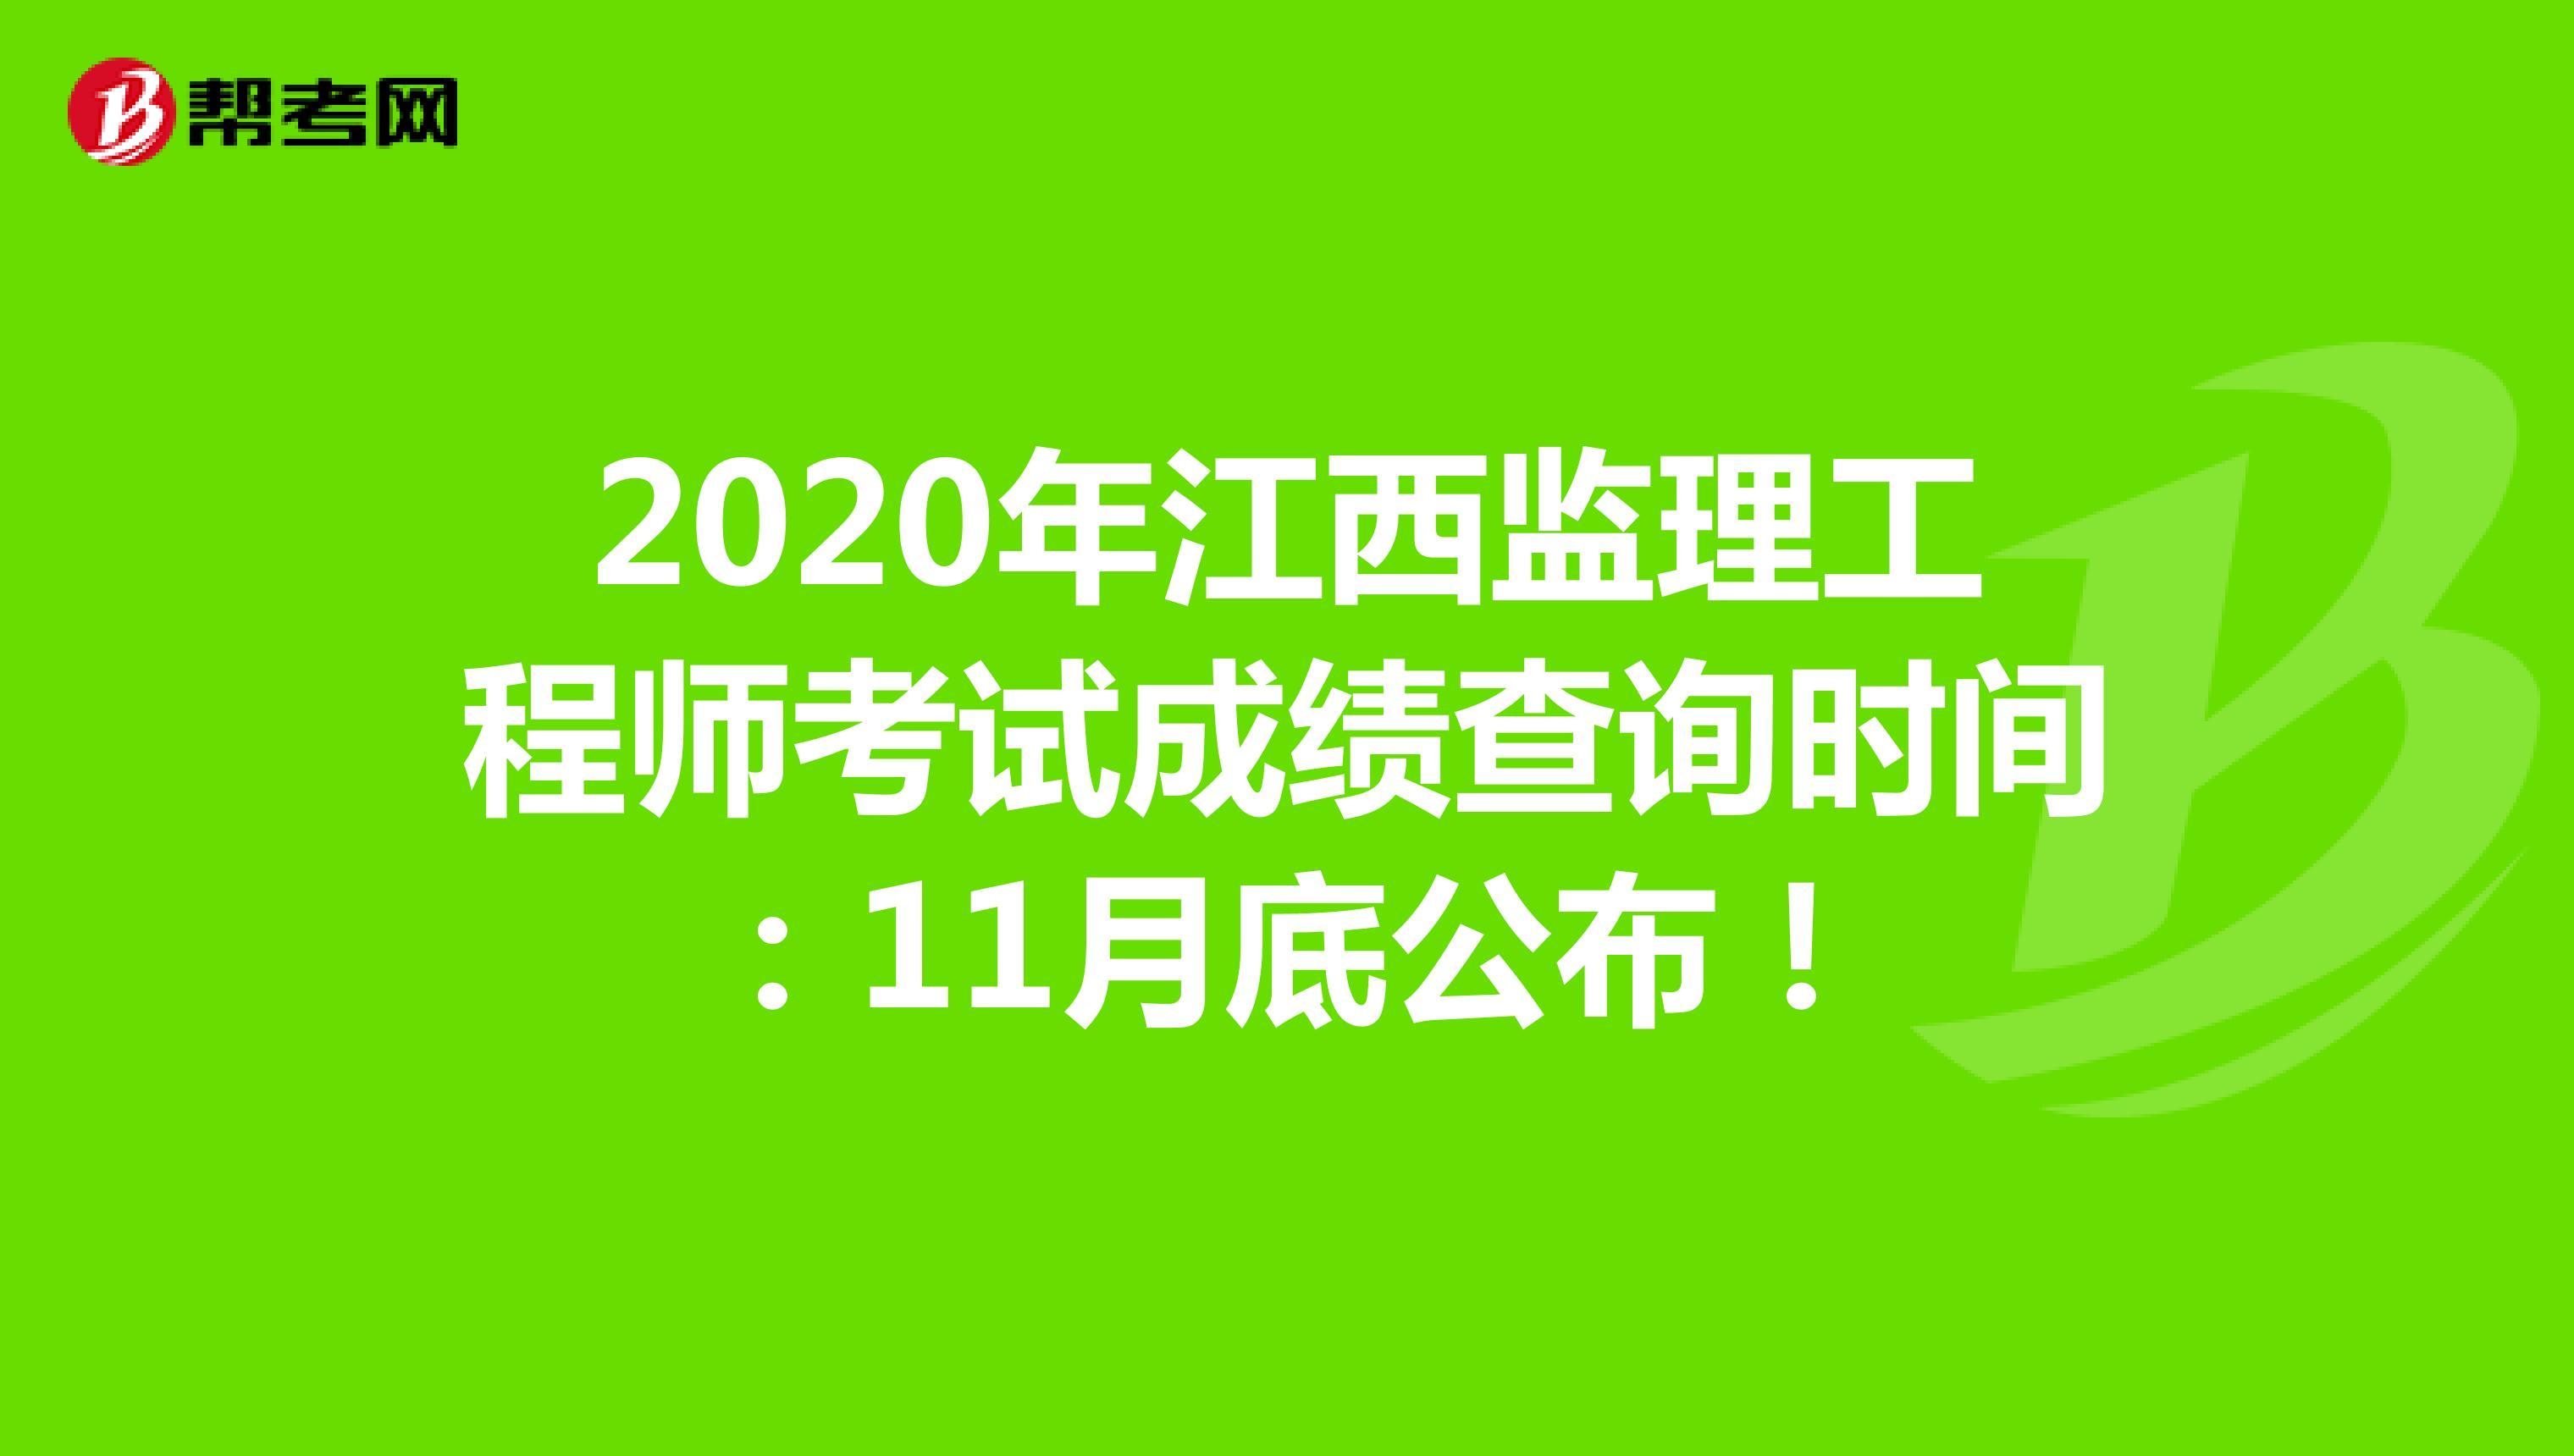 2020年江西监理工程师考试成绩查询时间:11月底公布!